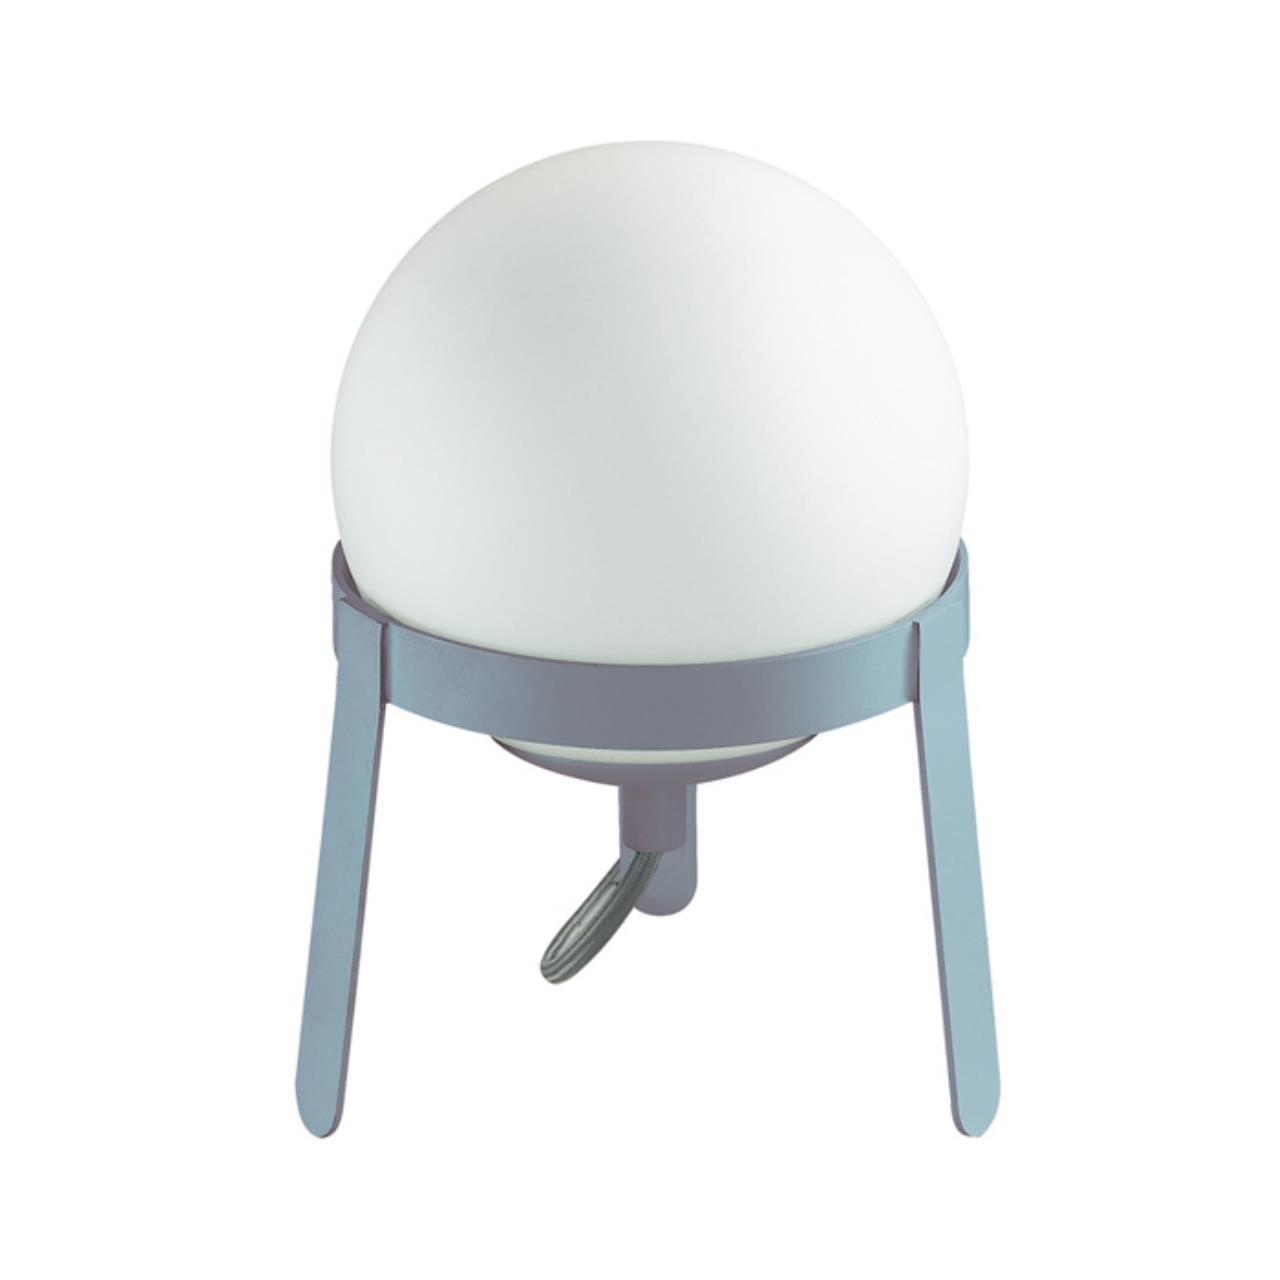 3650/1T DESK LN18 222 белый/голубой Настольная лампа E14 4W 220V CHIPO